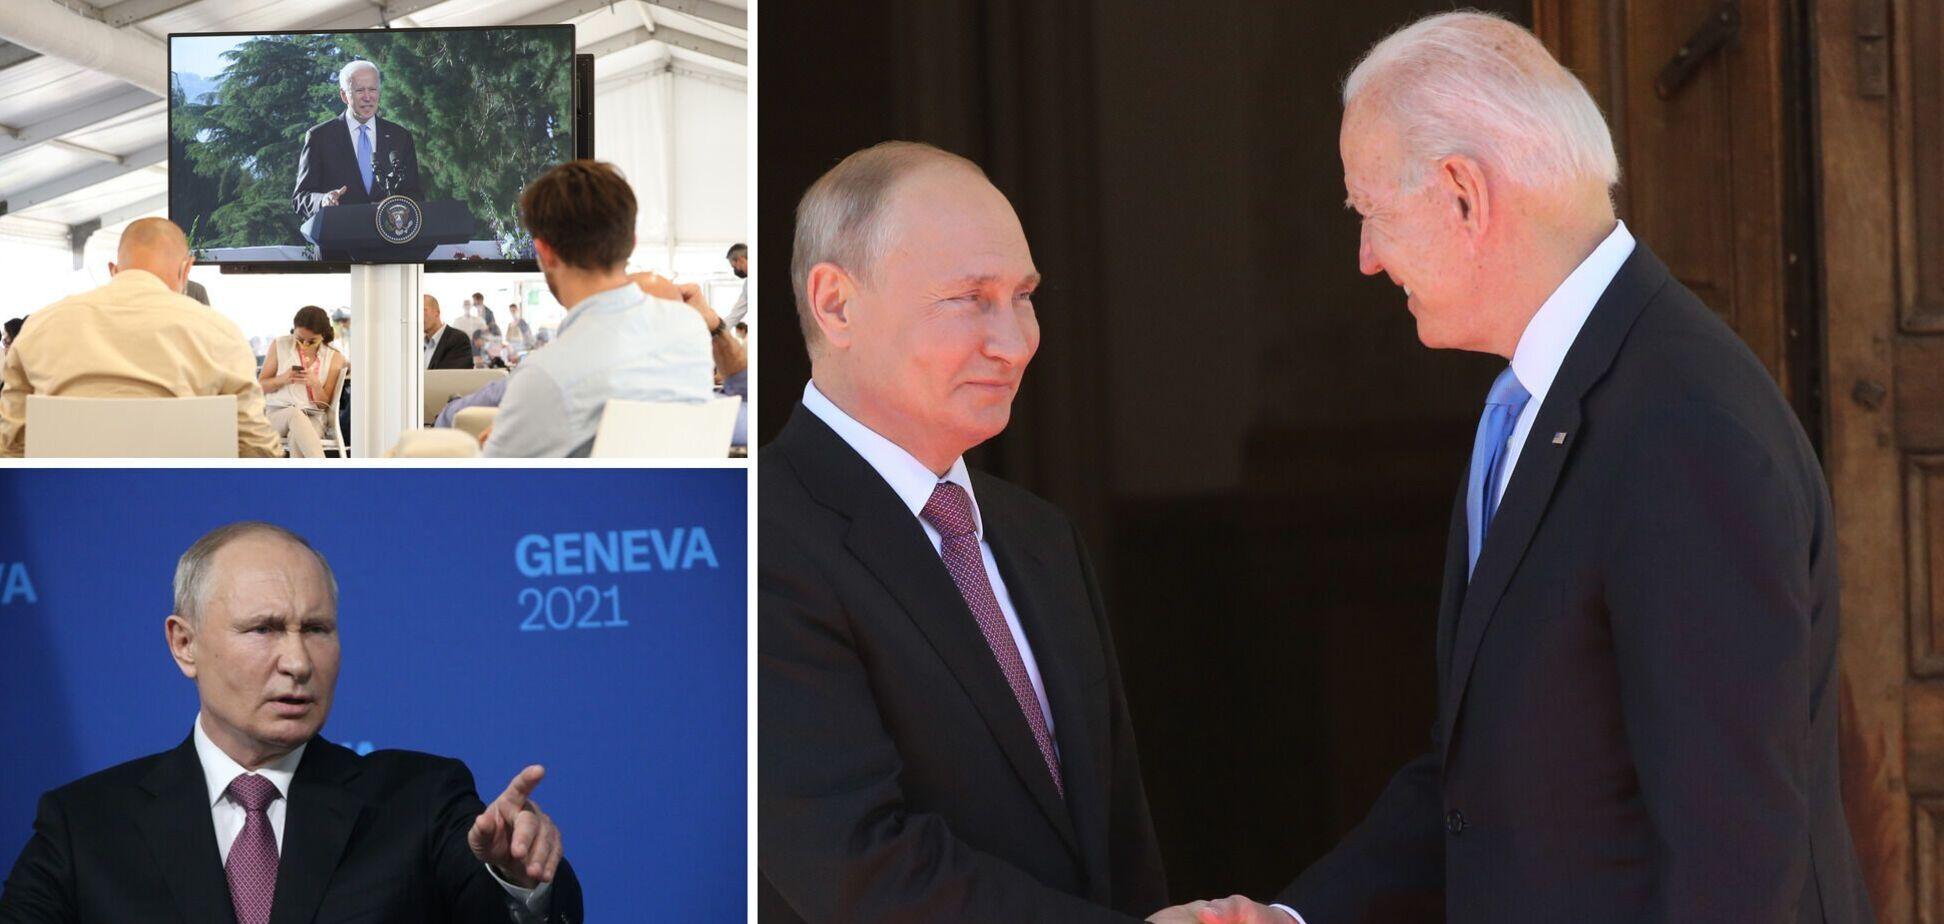 Встреча Байдена и Путина: что сказали политики